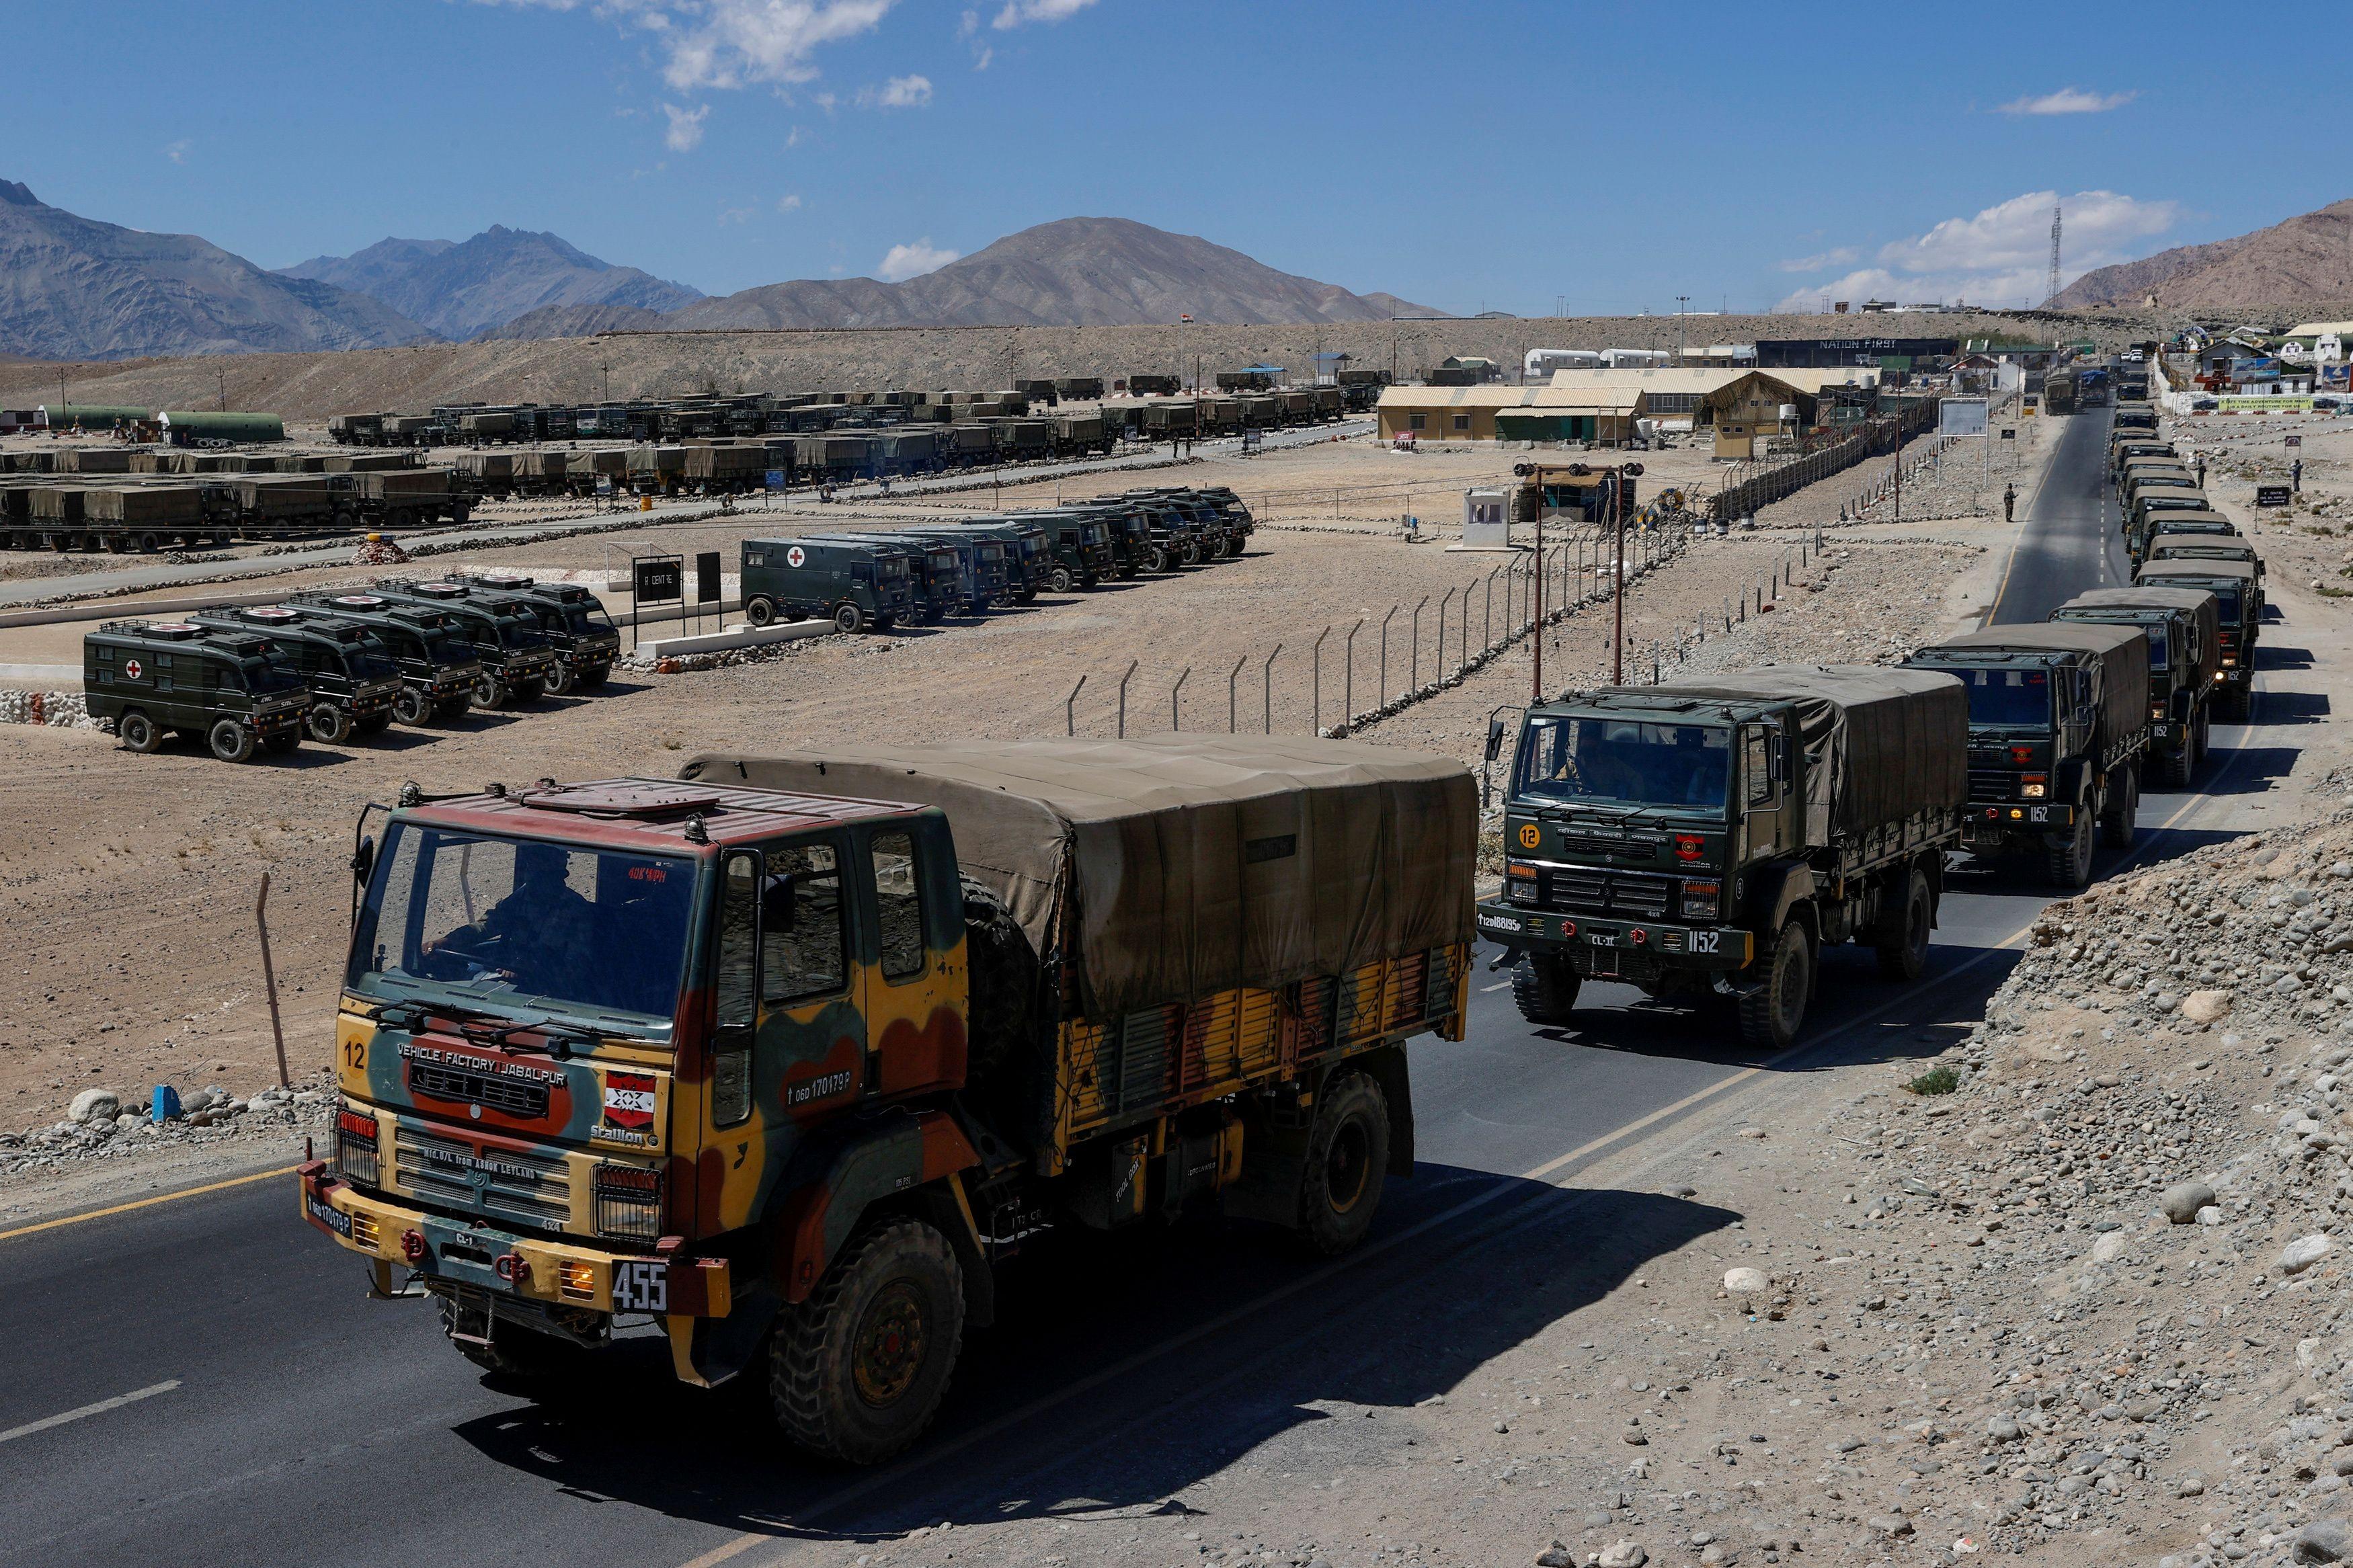 ▲▼印度與中國在喜馬拉雅山區長期存在領土紛爭,拉達克地區出現軍車載運物資。(圖/路透社)